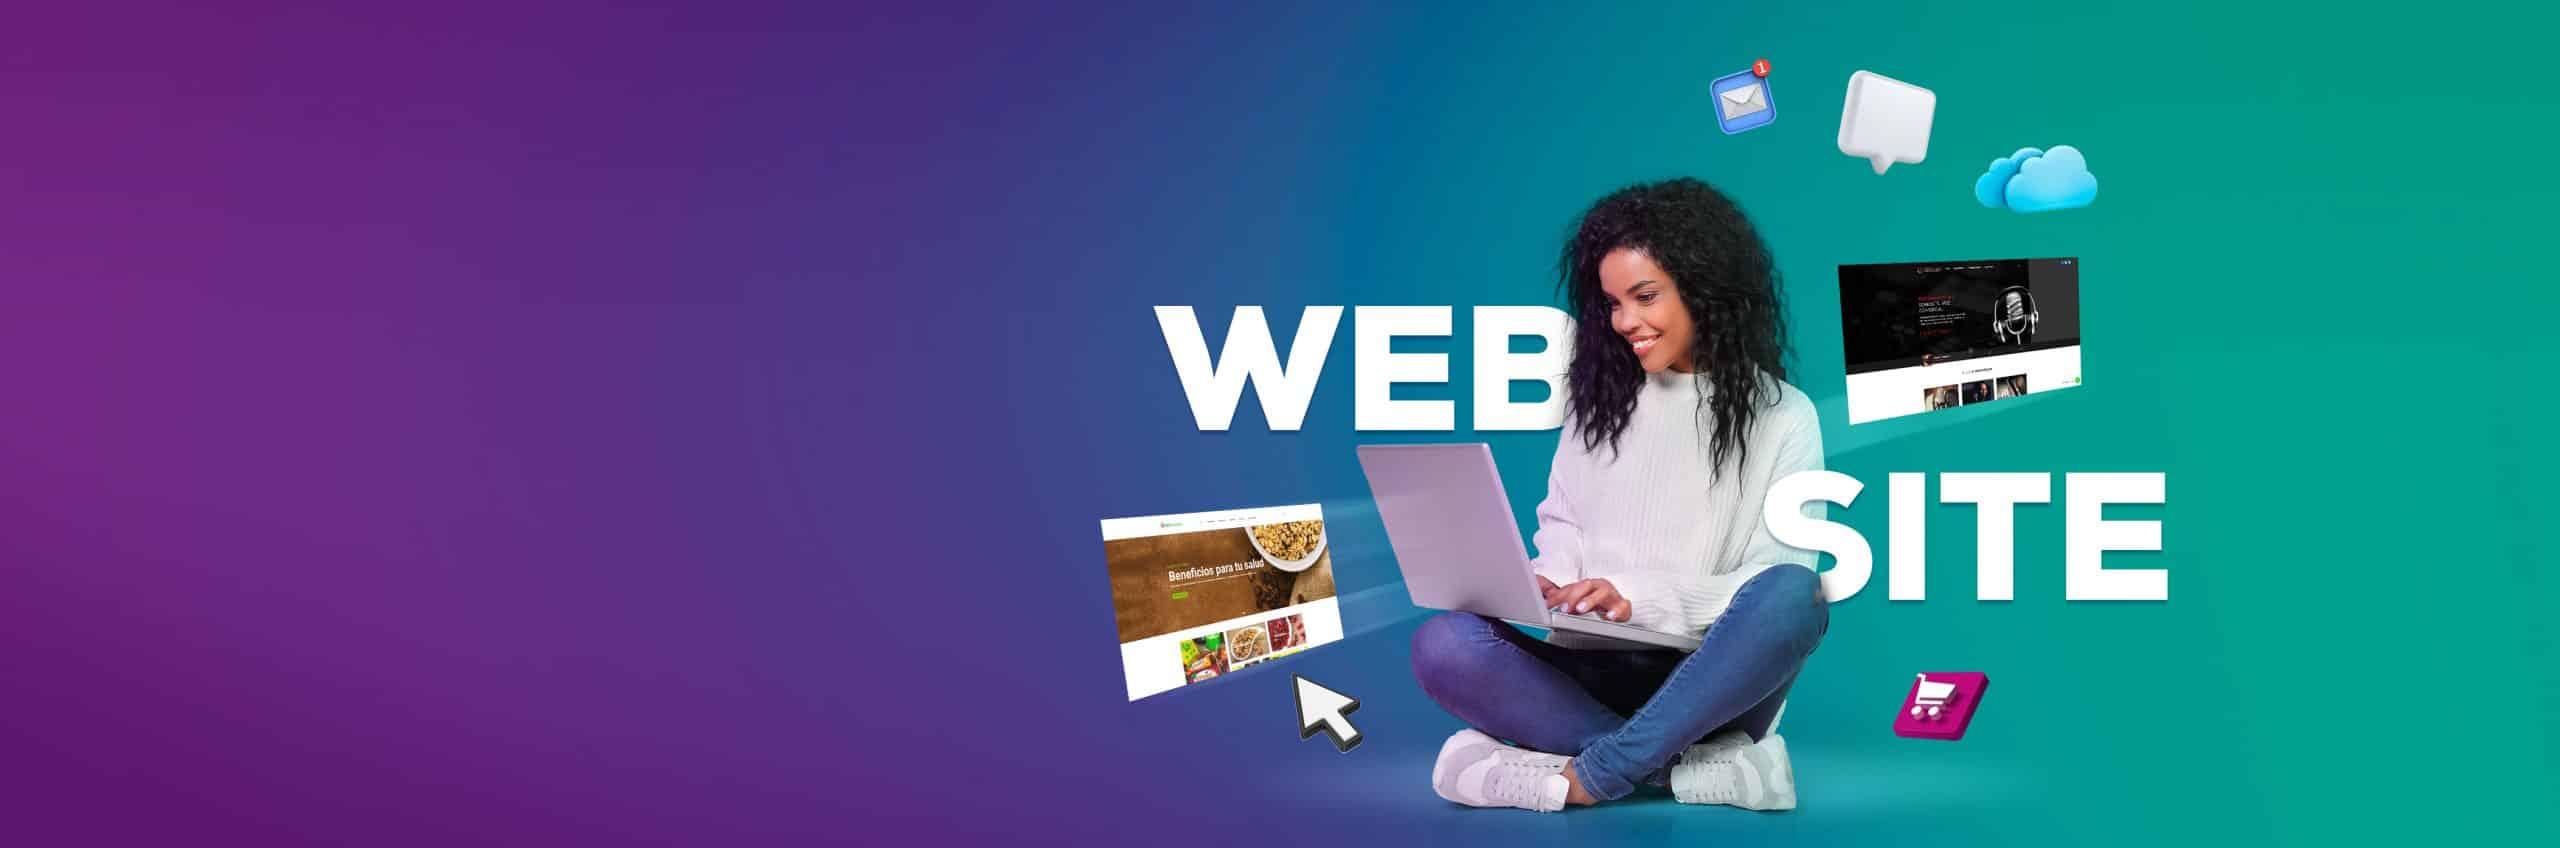 rewel-site-diseño-web